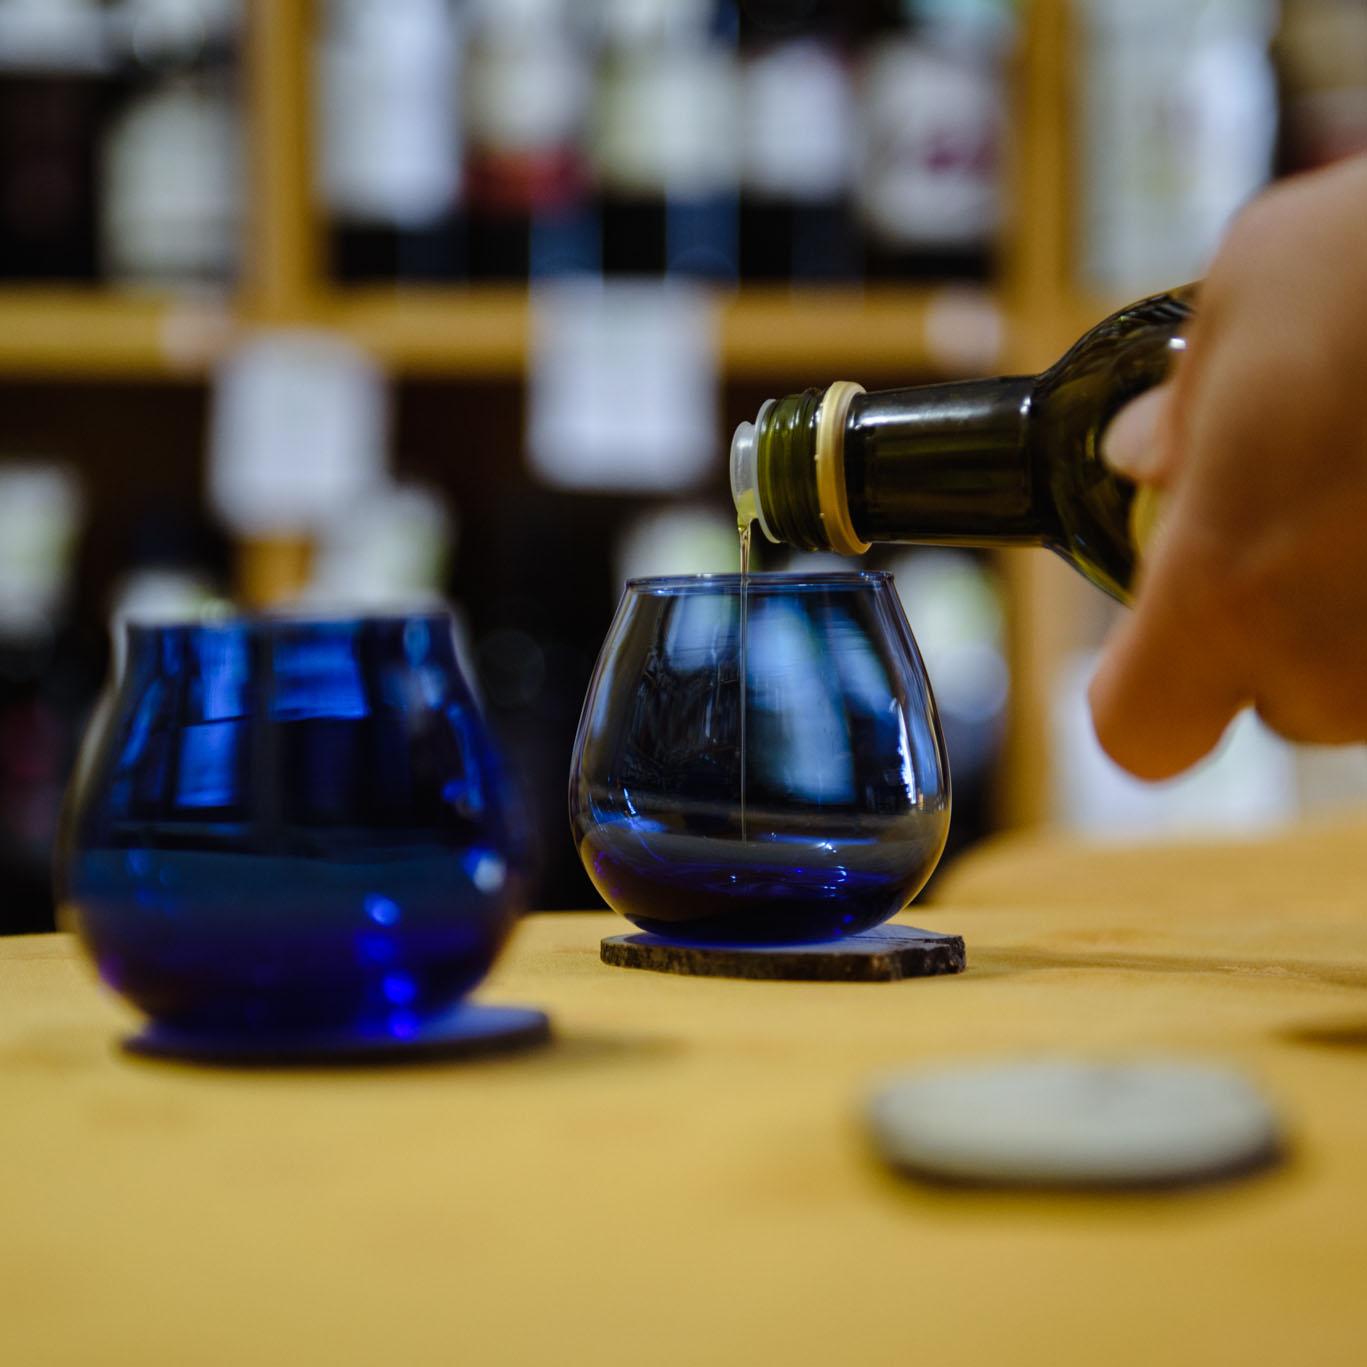 Degusta l'oro di Puglia: panel test sull'olio extravergine di oliva